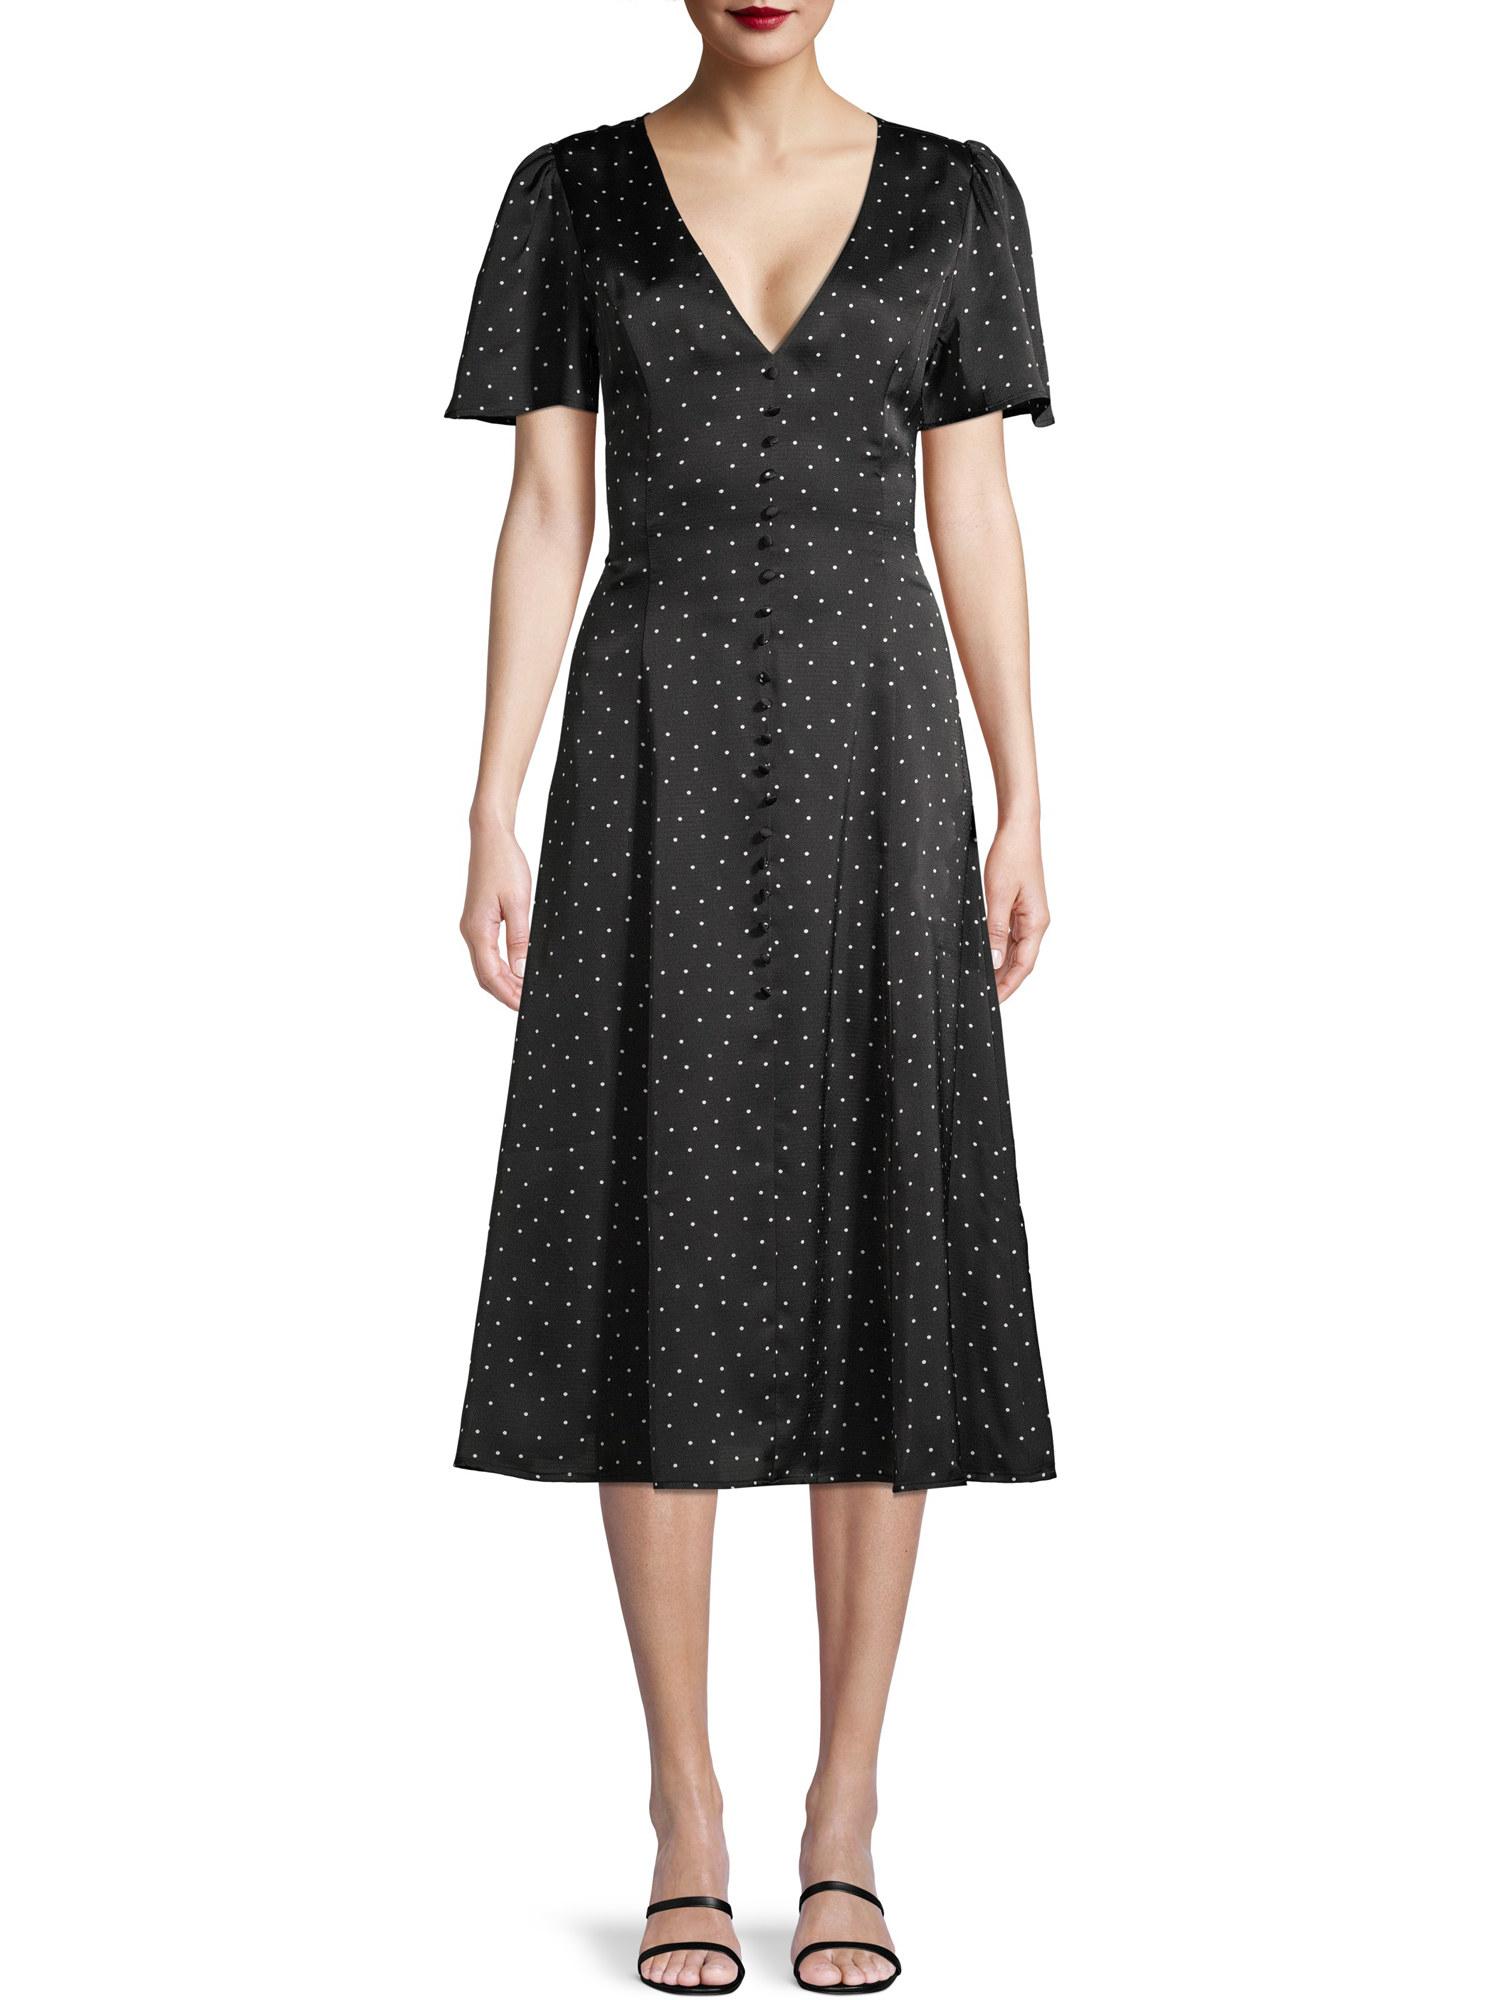 Model wearing polka dot dress